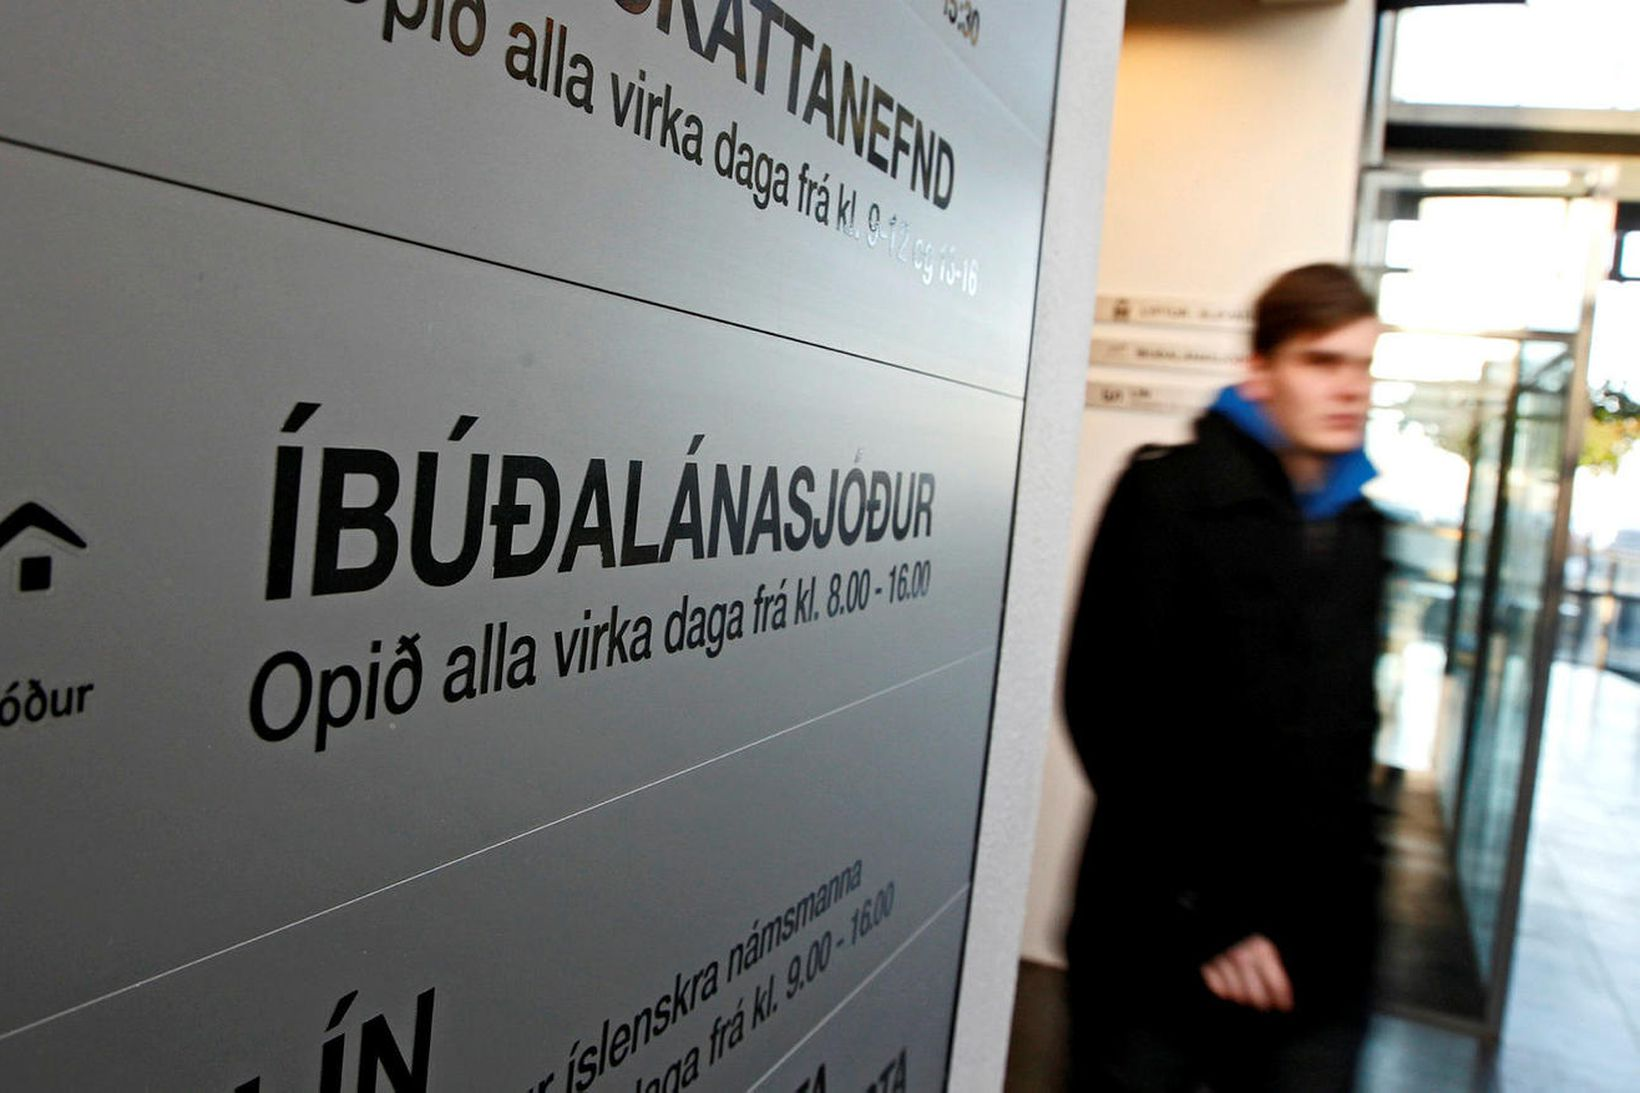 Þúsundir lána sem tekin voru á árunum 2005-2013 voru með …